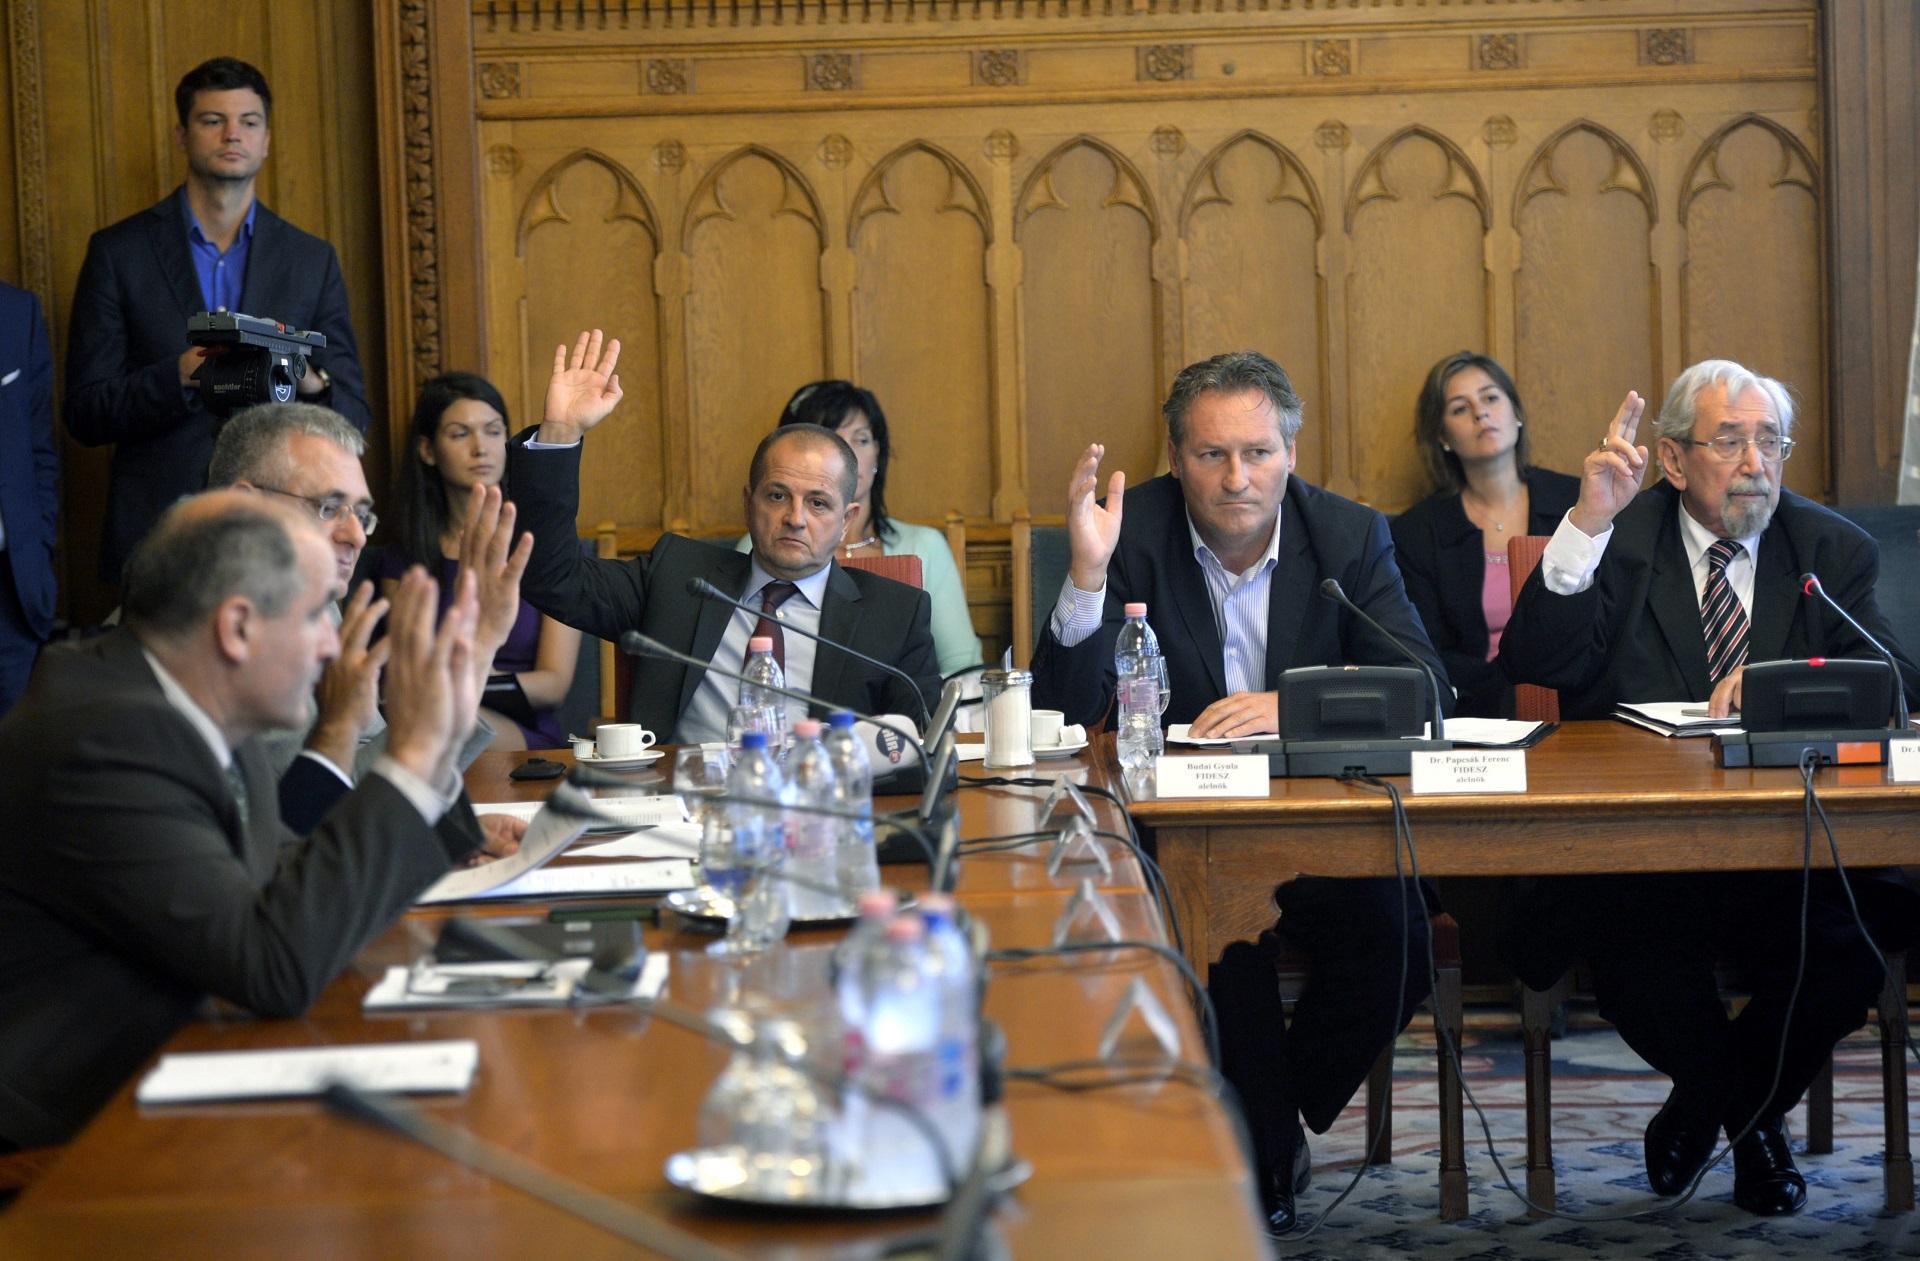 Papcsák: A párttagságom nem összeférhetetlen a jegybank felügyelő bizottsági tagságommal